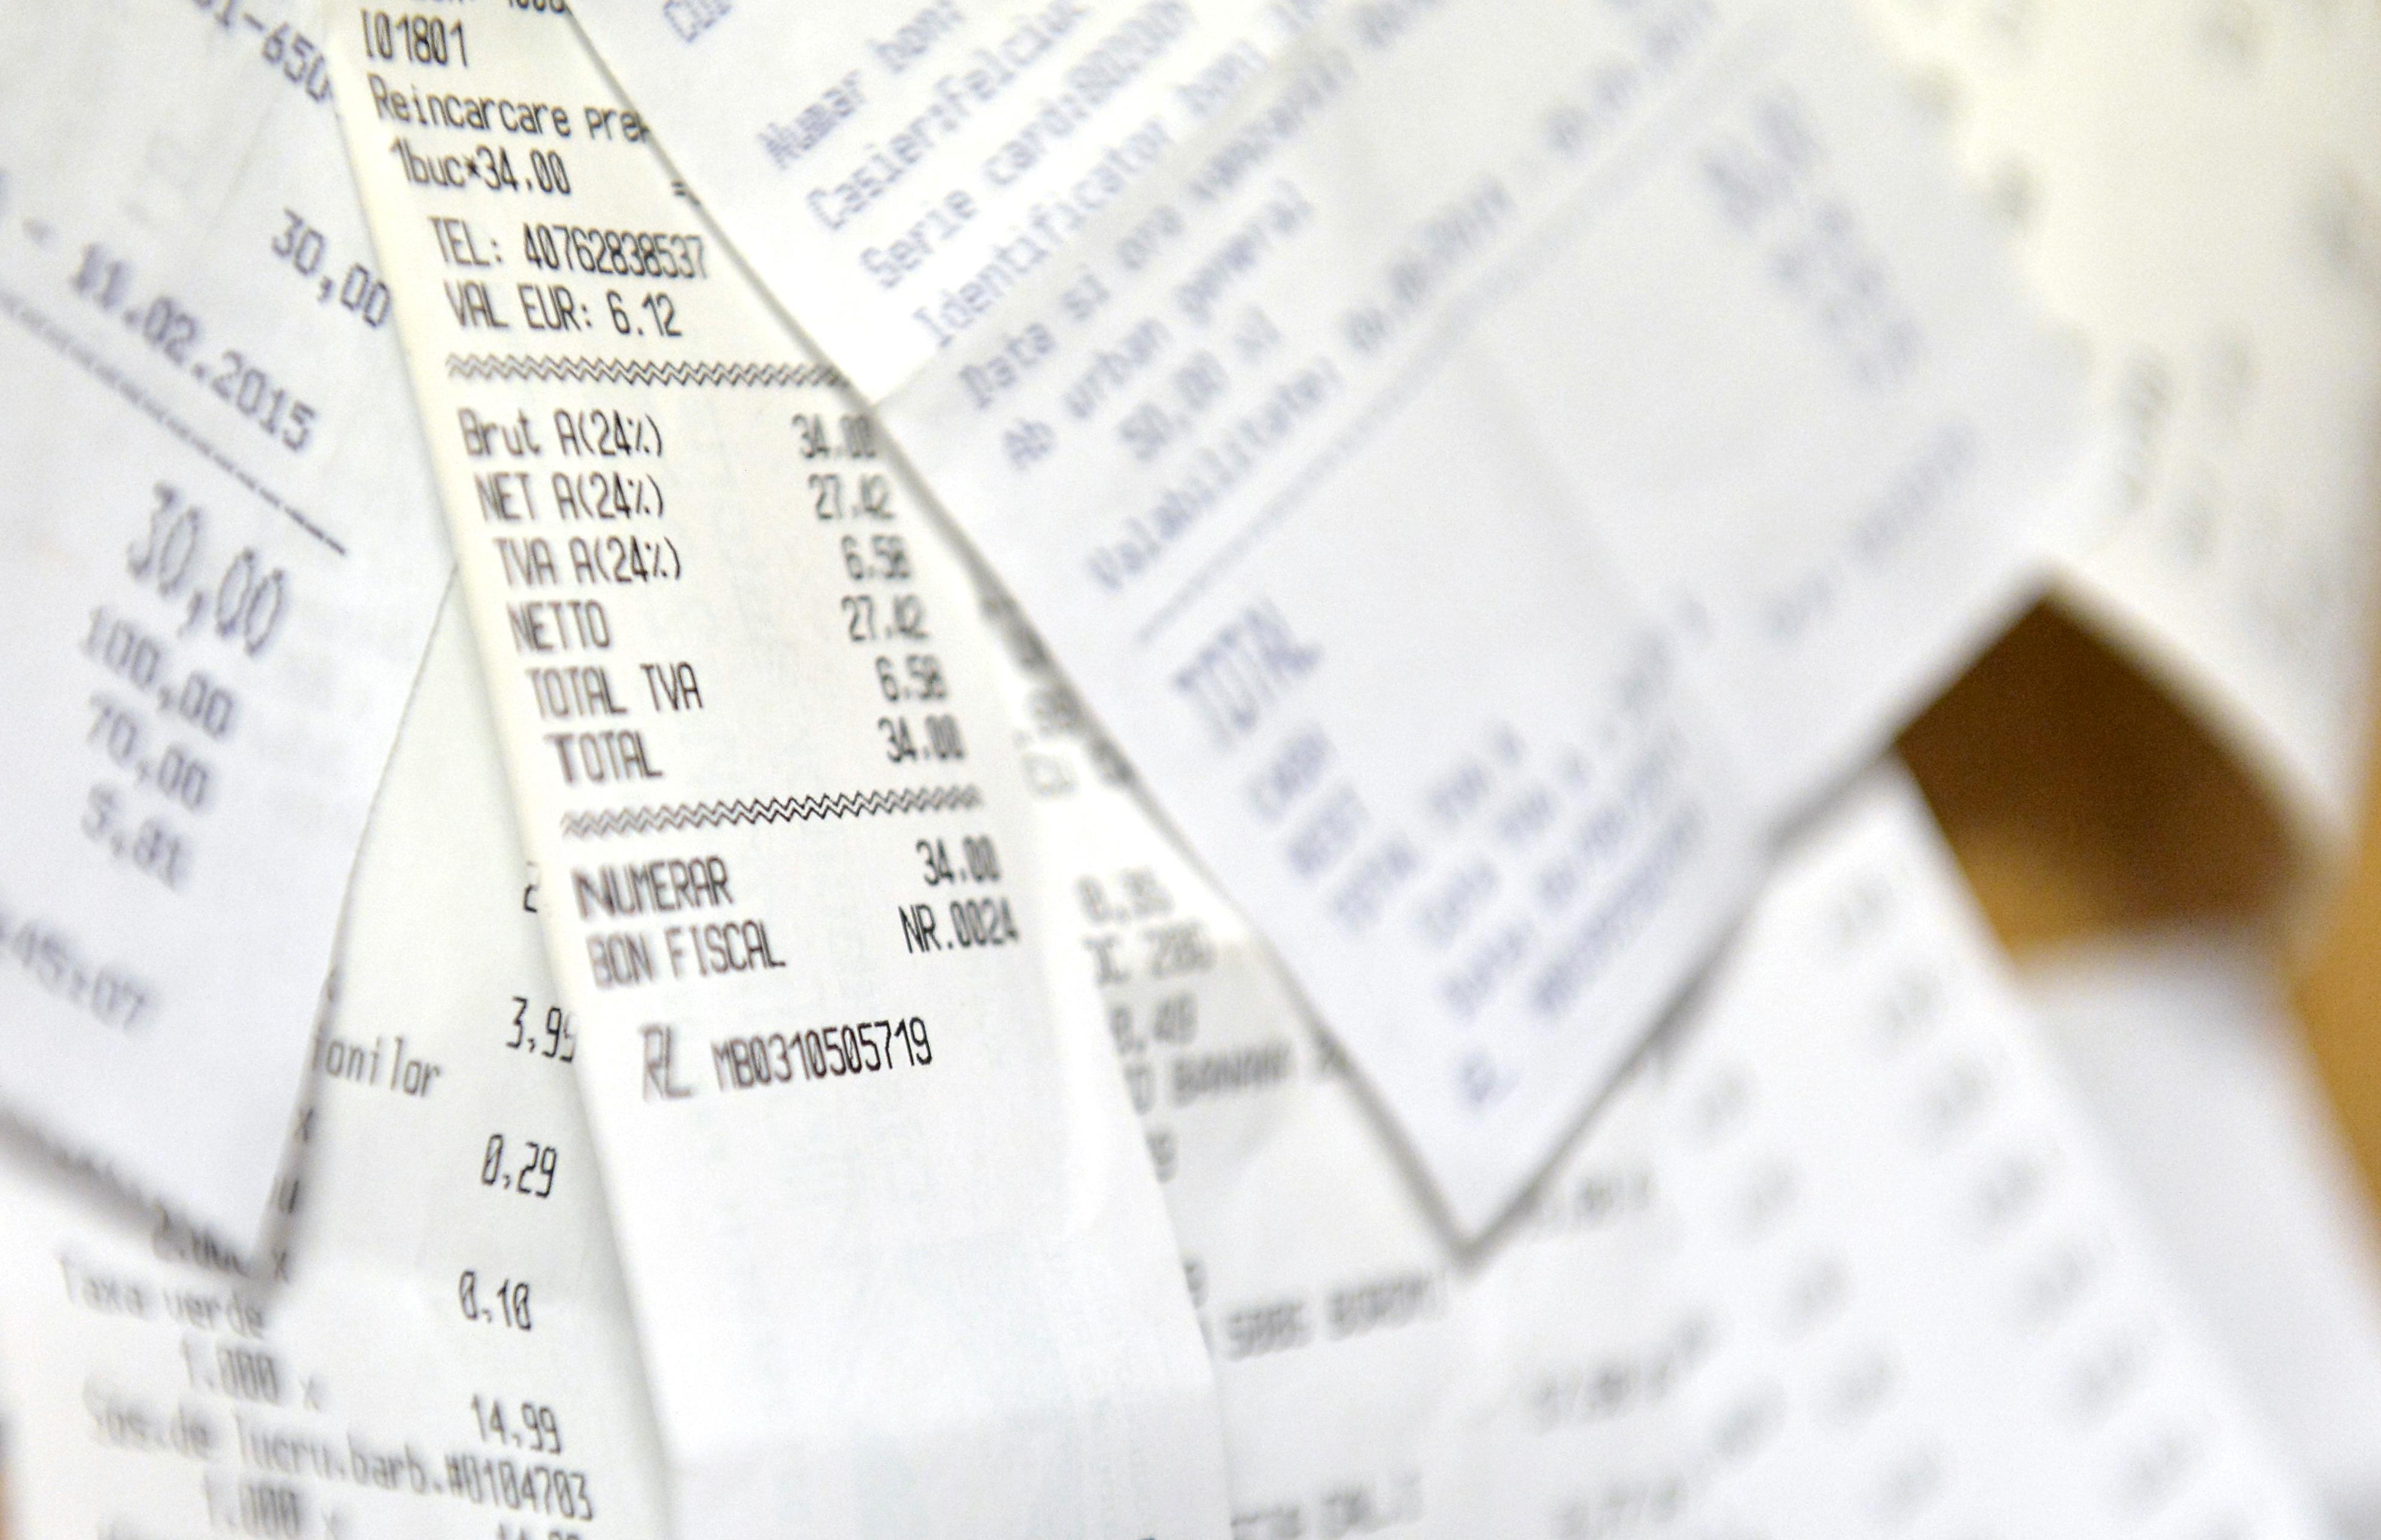 Bonurile in valoare de 821 lei din 18 noiembrie, caştigatoare la extragerea loteriei fiscale